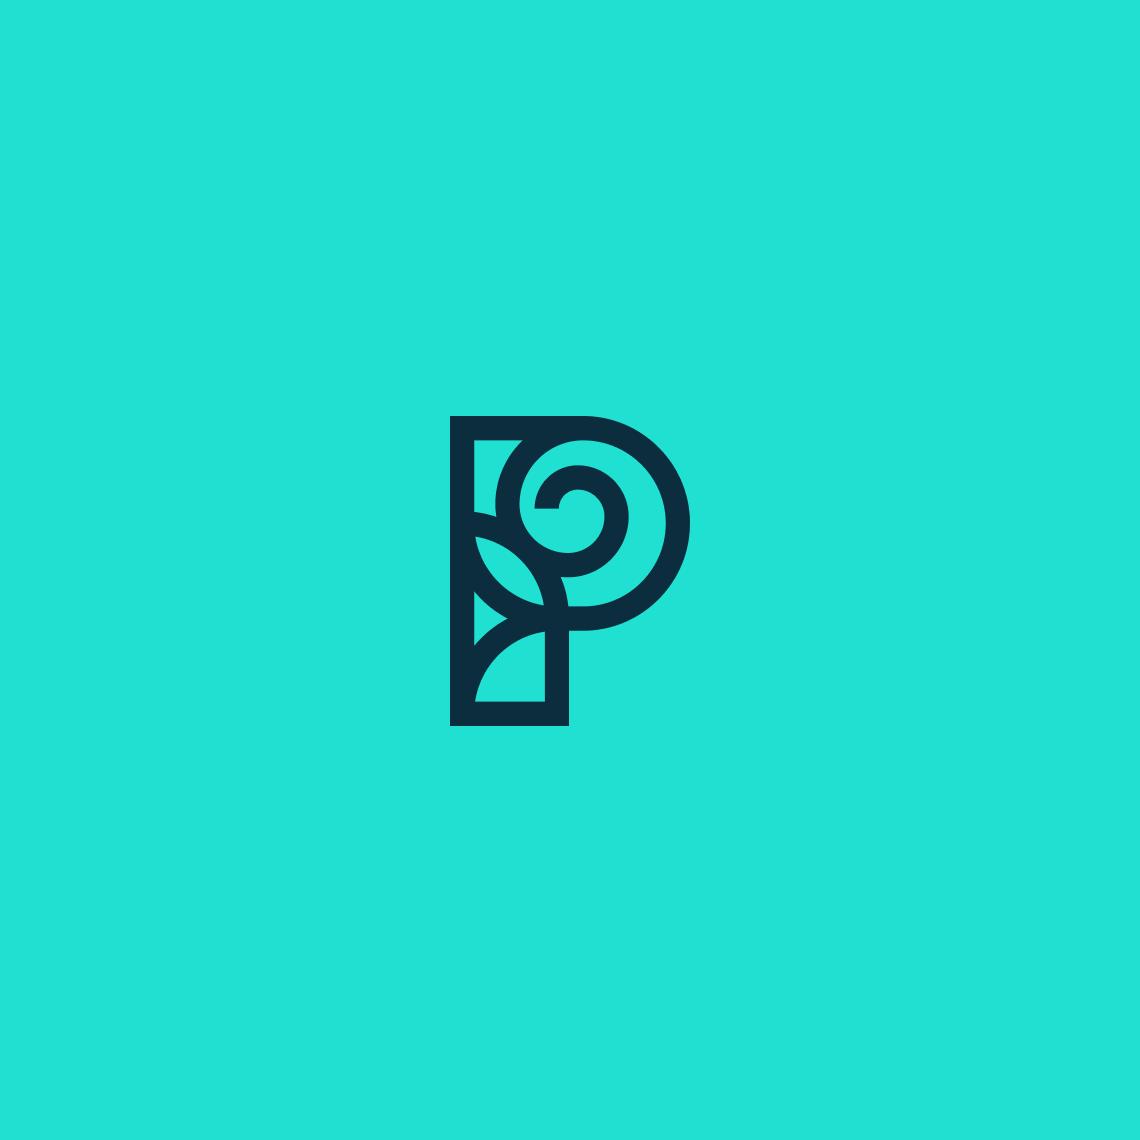 Pando Design System